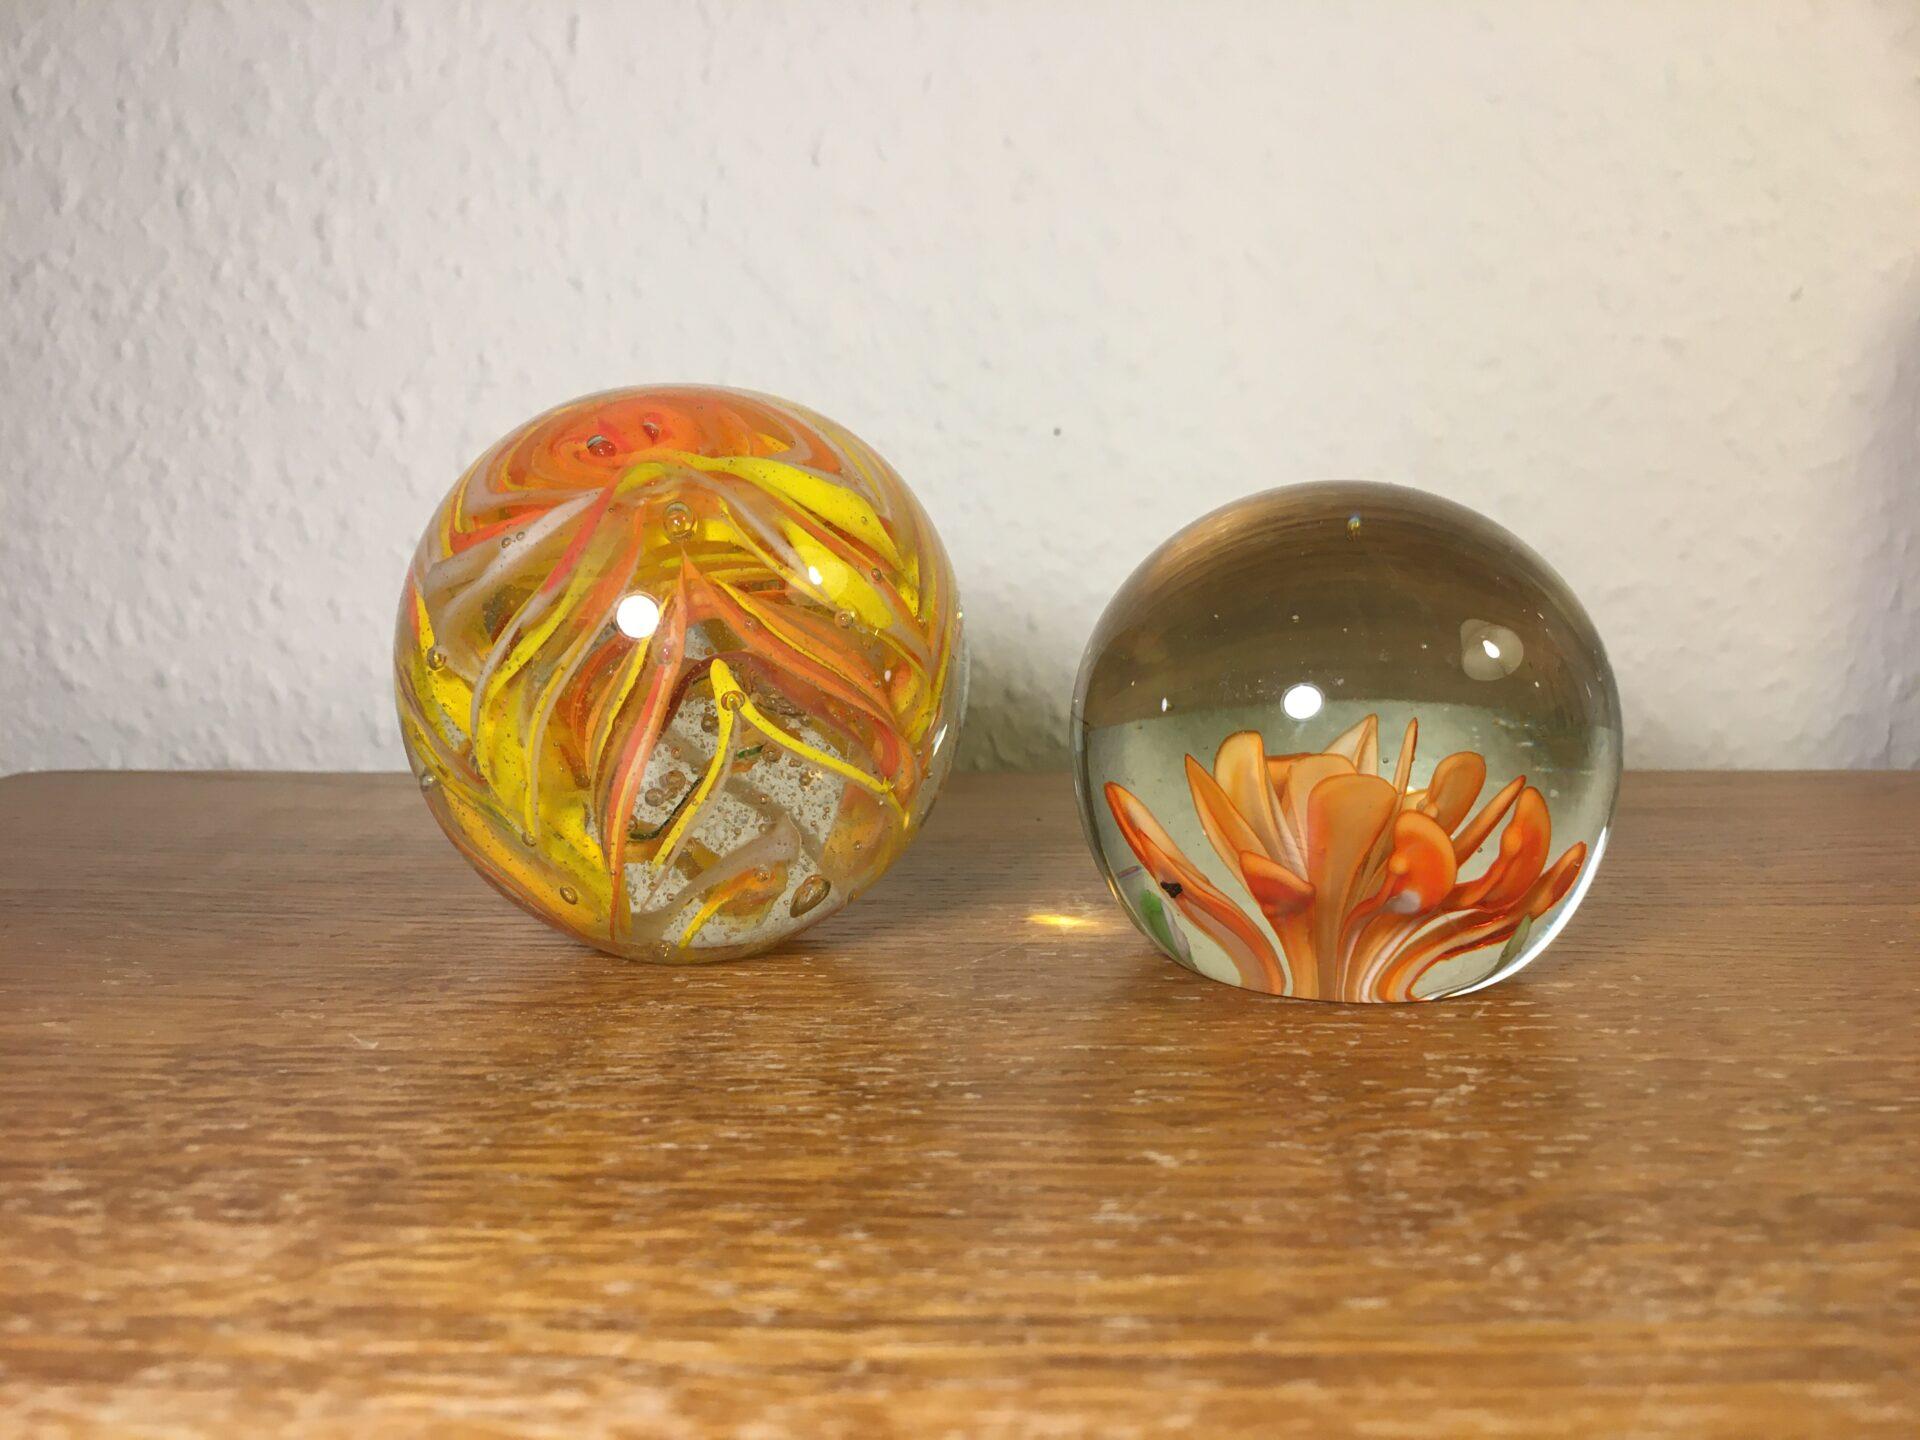 gamle brevpresser af glas, d=7cm/ 6 cm, pris pr stk 300kr